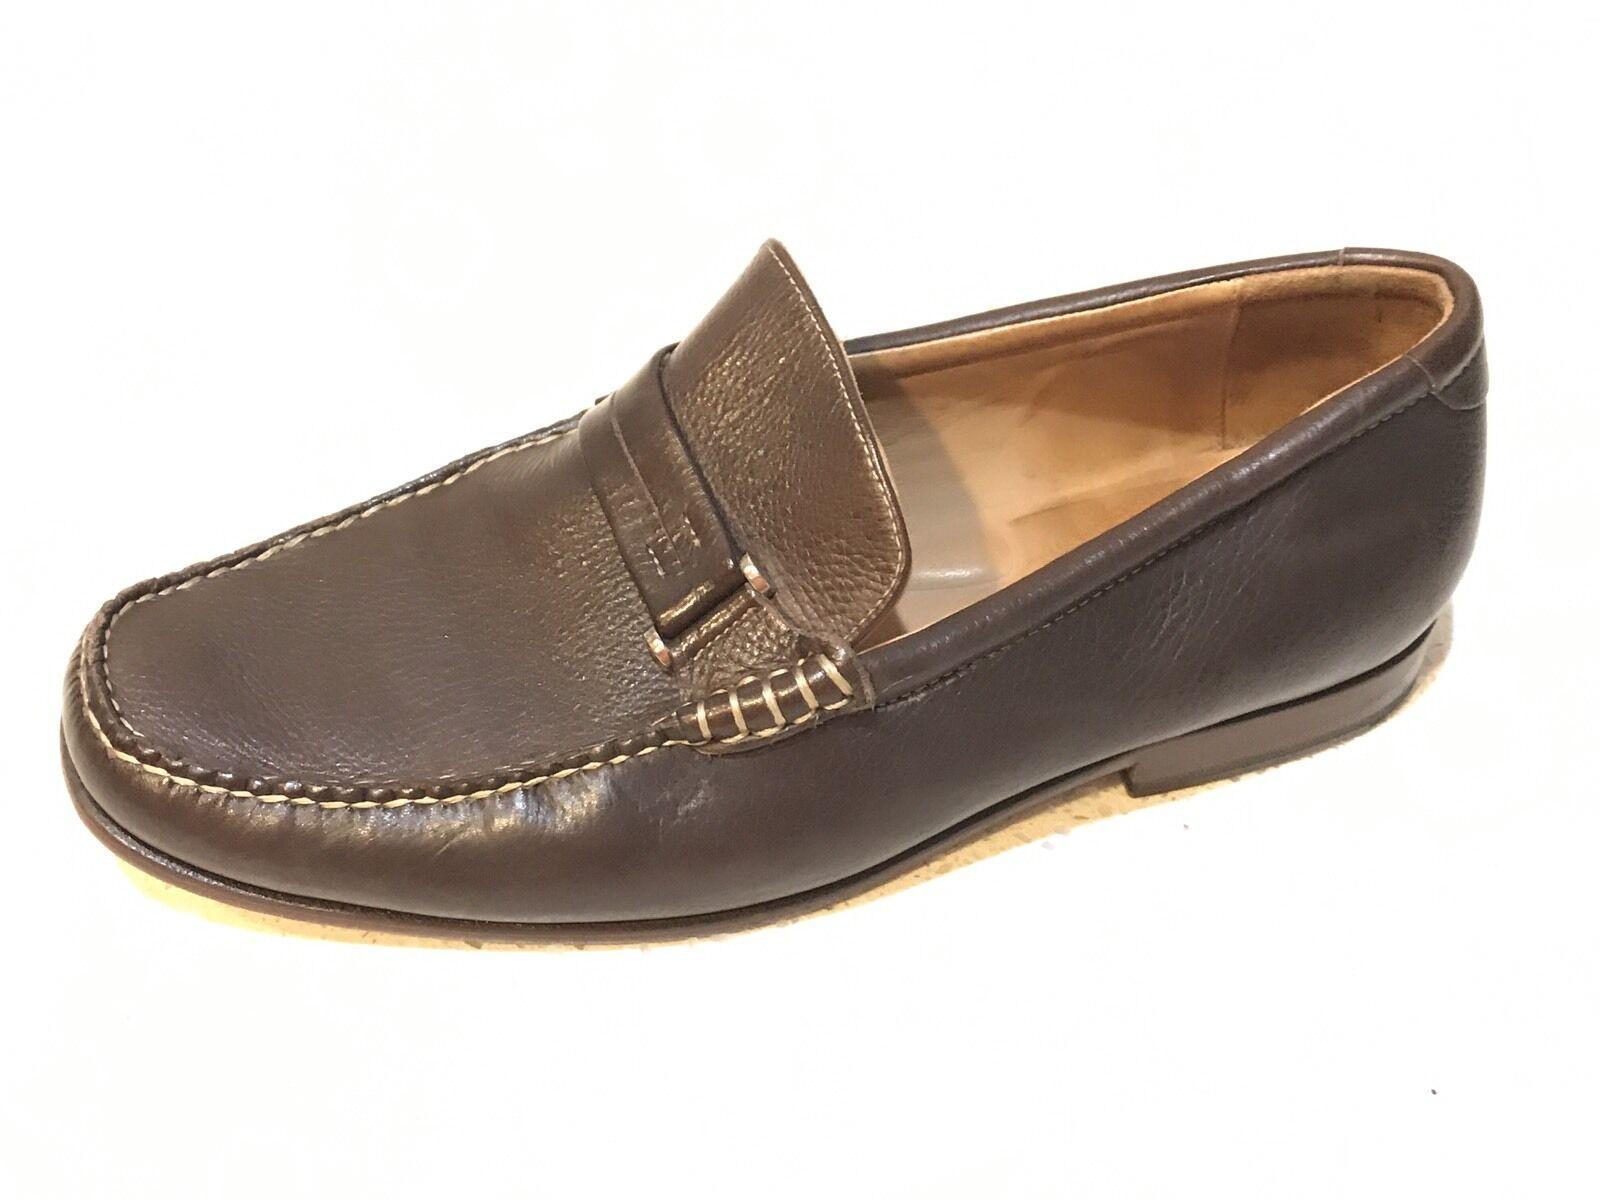 Johnston Johnston Johnston Murphy marrón de piel de cordero cuero con guijarros Bit Moc Mocasines zapatos 10.5M 0d40cc